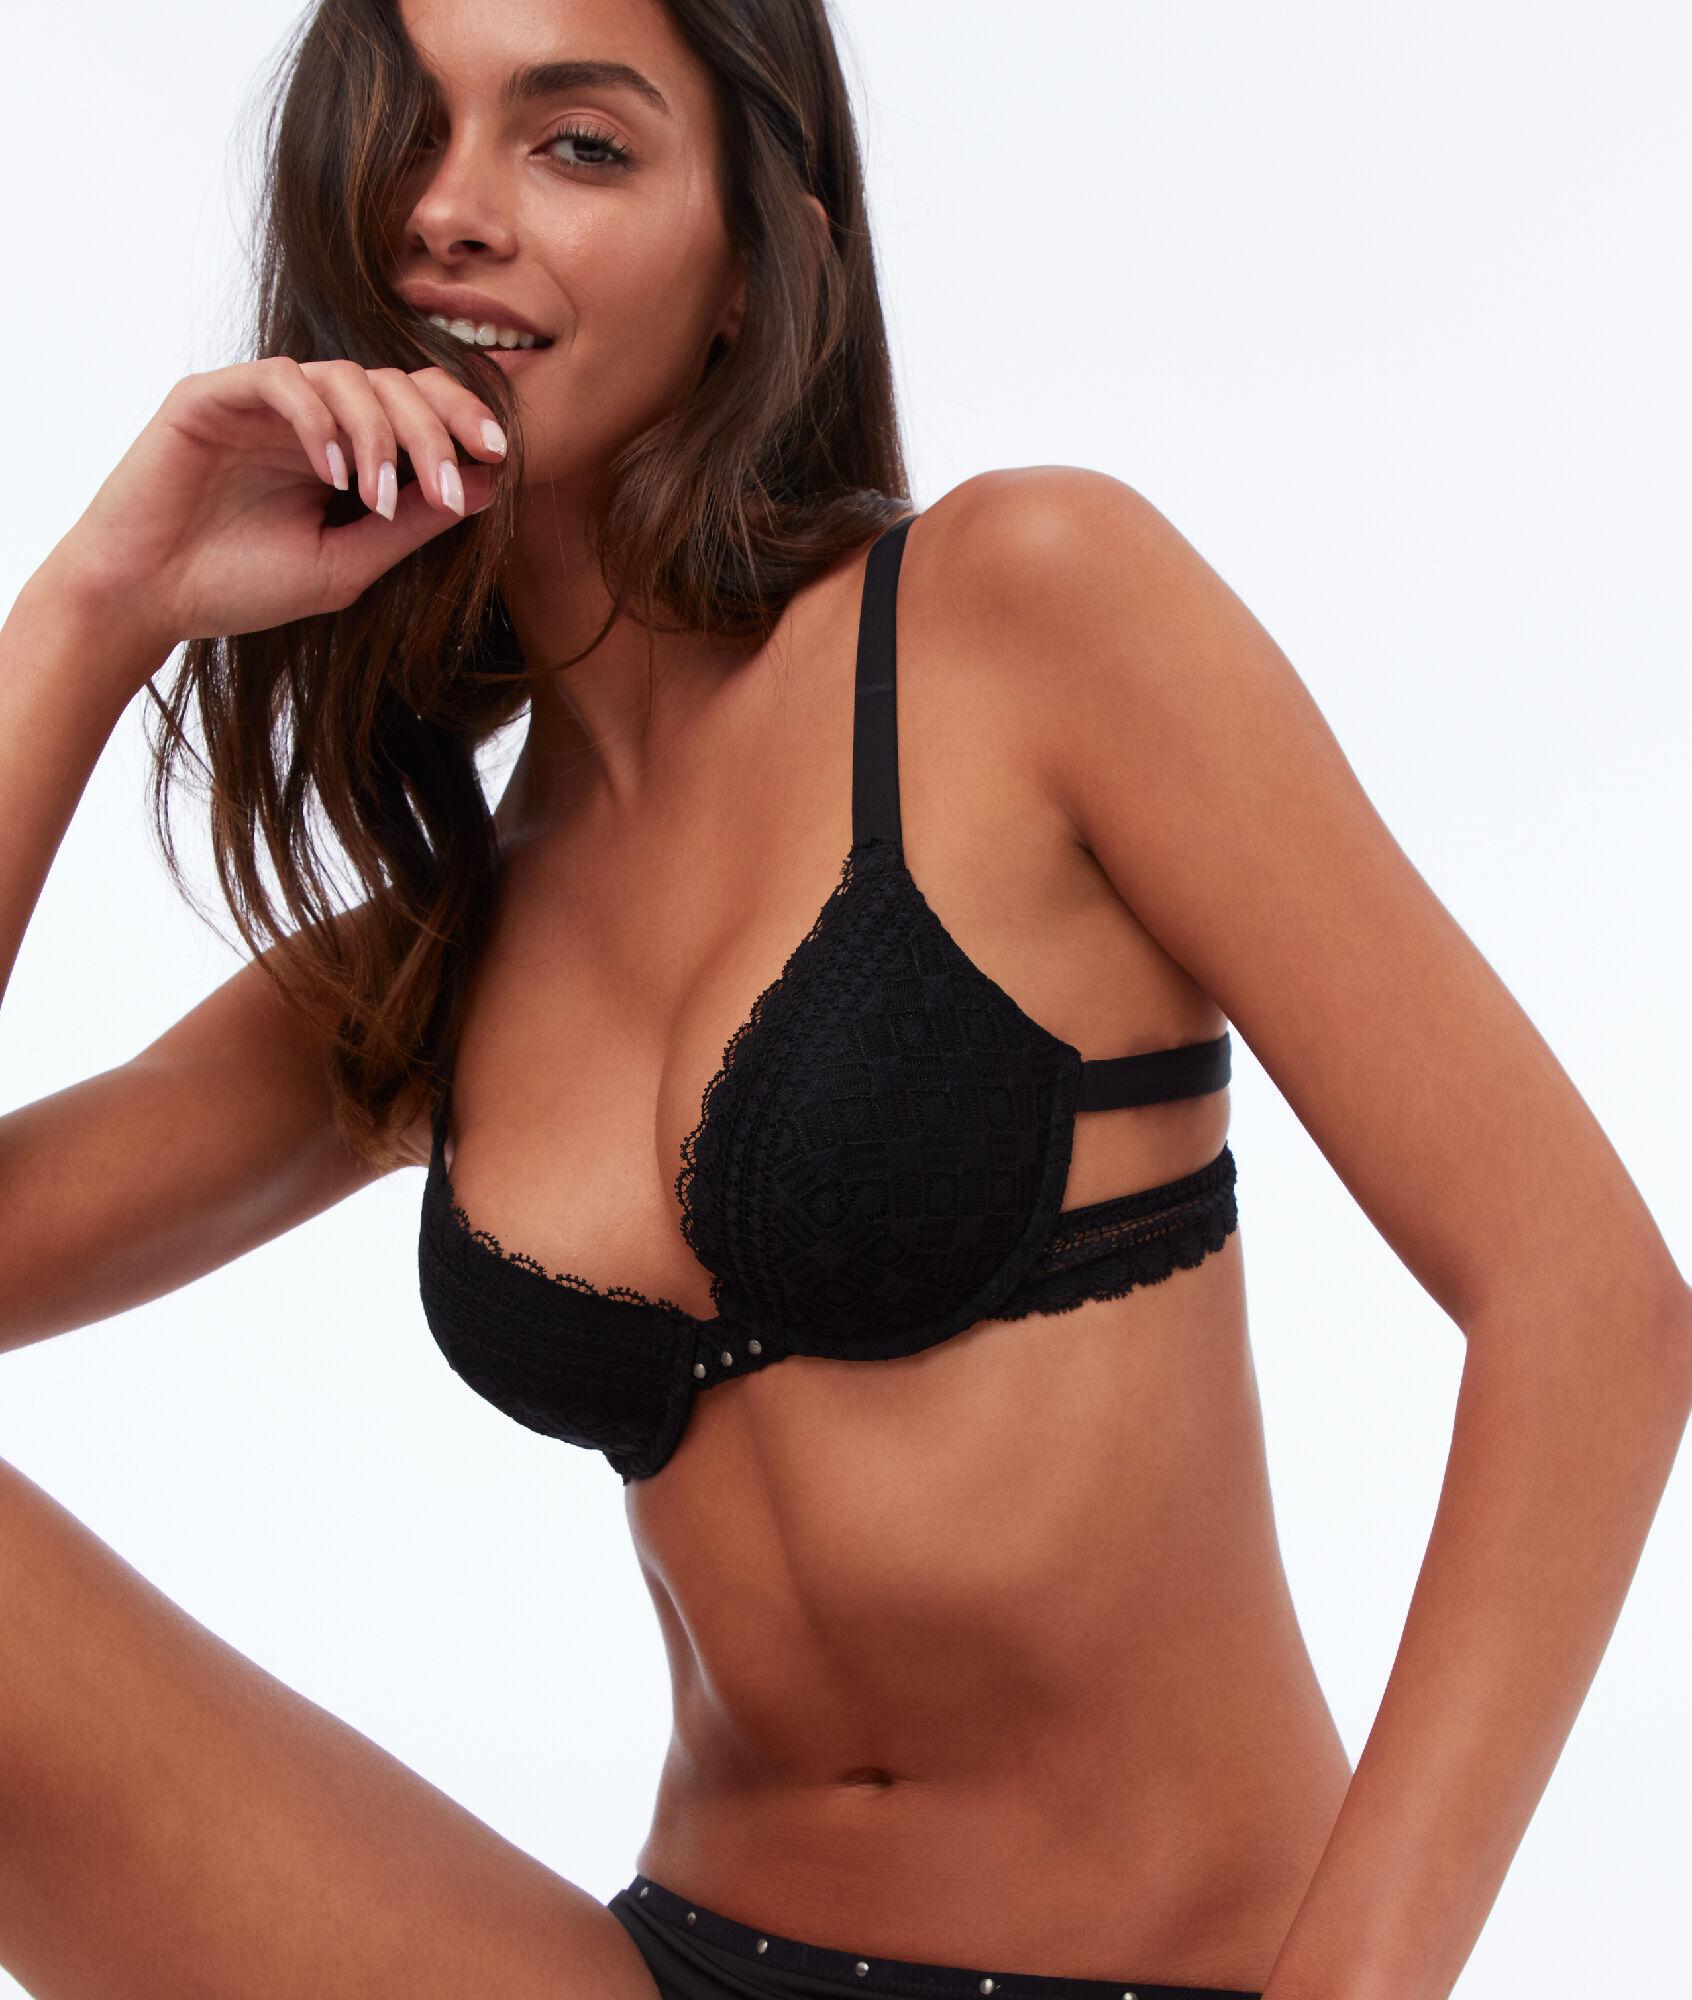 f2c90c4d9f2f7 Bra n°2 - lace push-up bra with small studs - Etam